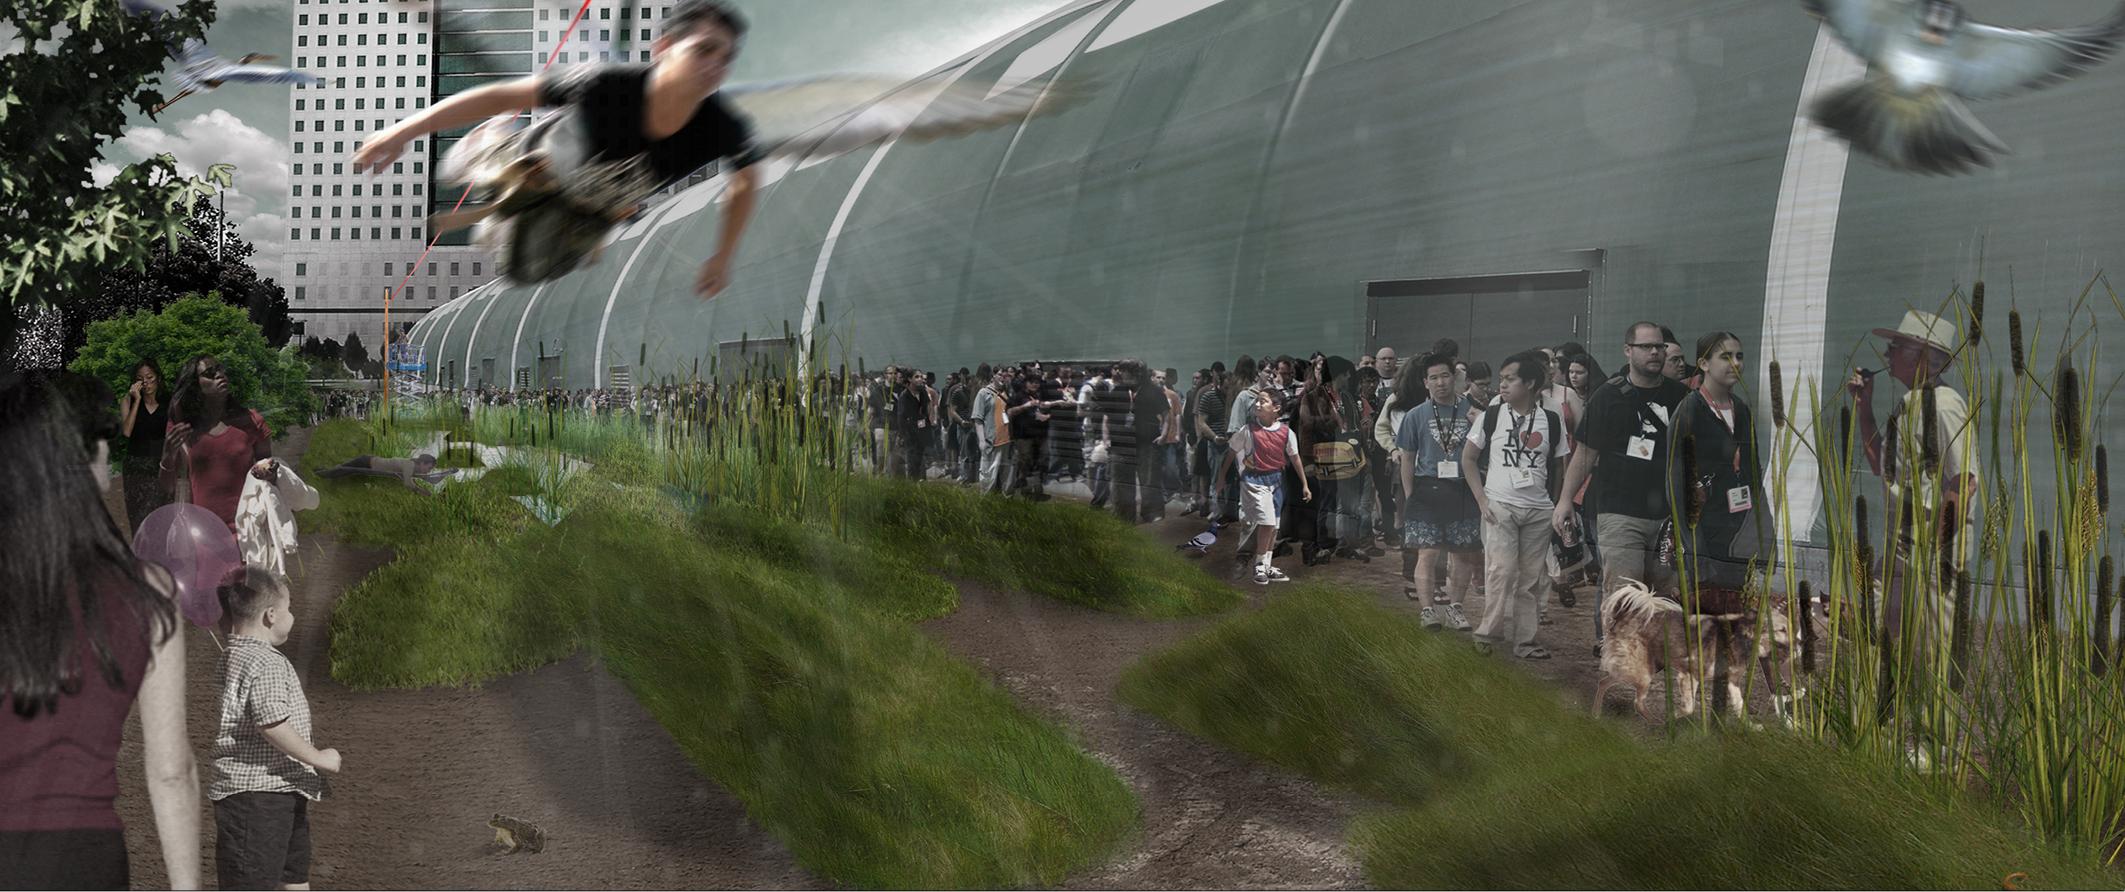 Fletcherstudio Web-Exhibitions-xAirport2.jpg